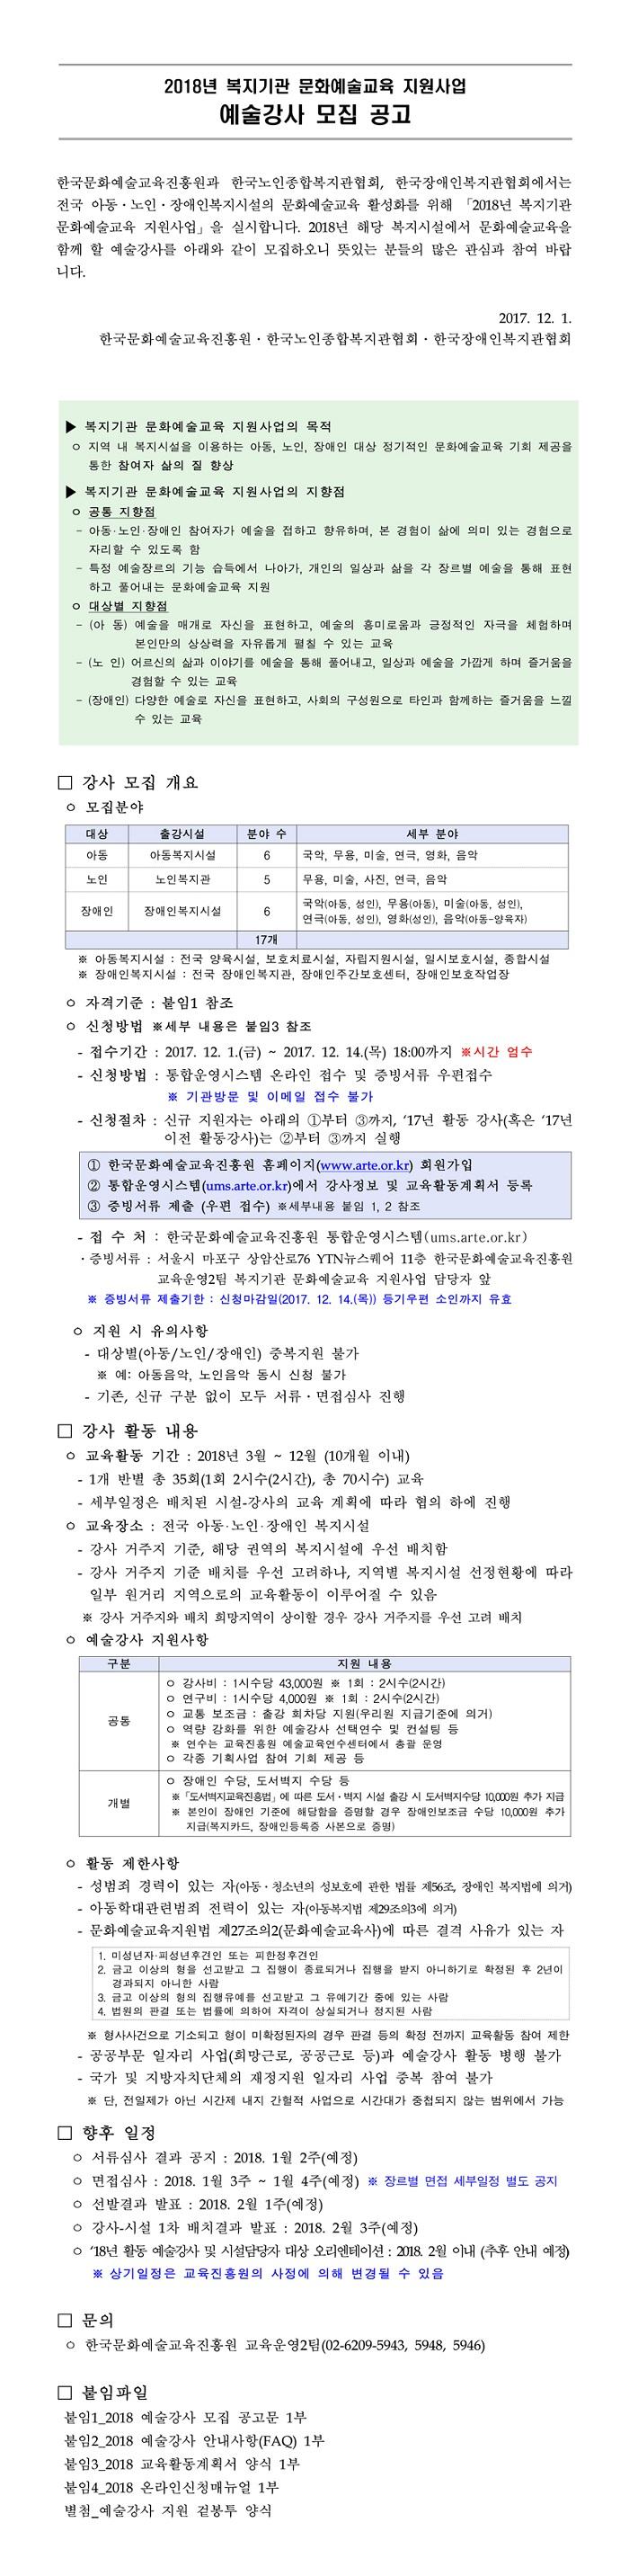 2018 복지기관 예술강사 공모 사업.jpg